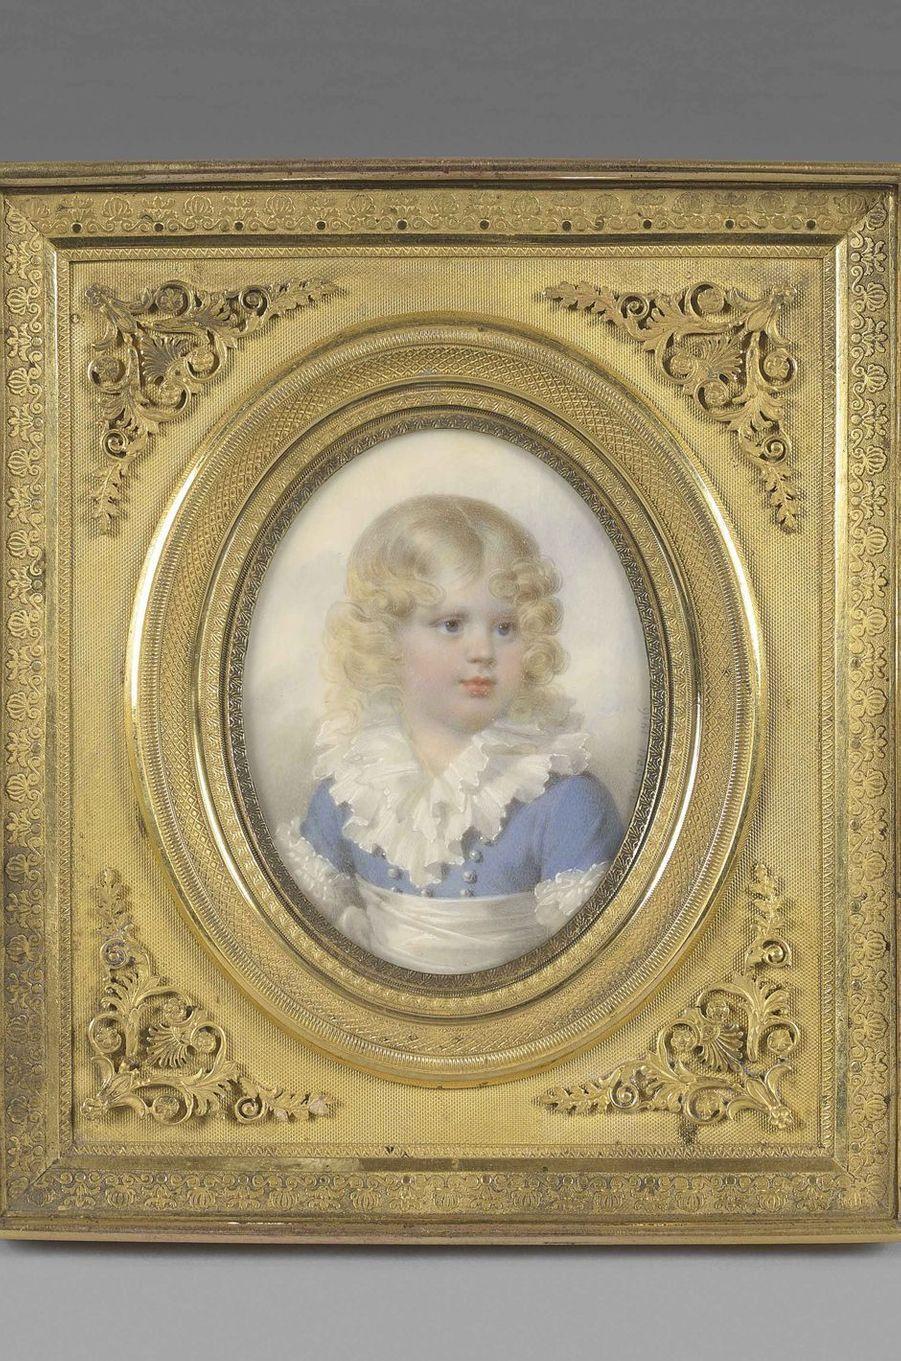 Portrait du roi de Rome, miniature sur ivoire. Musée Napoléon Ier au château de Fontainebleau